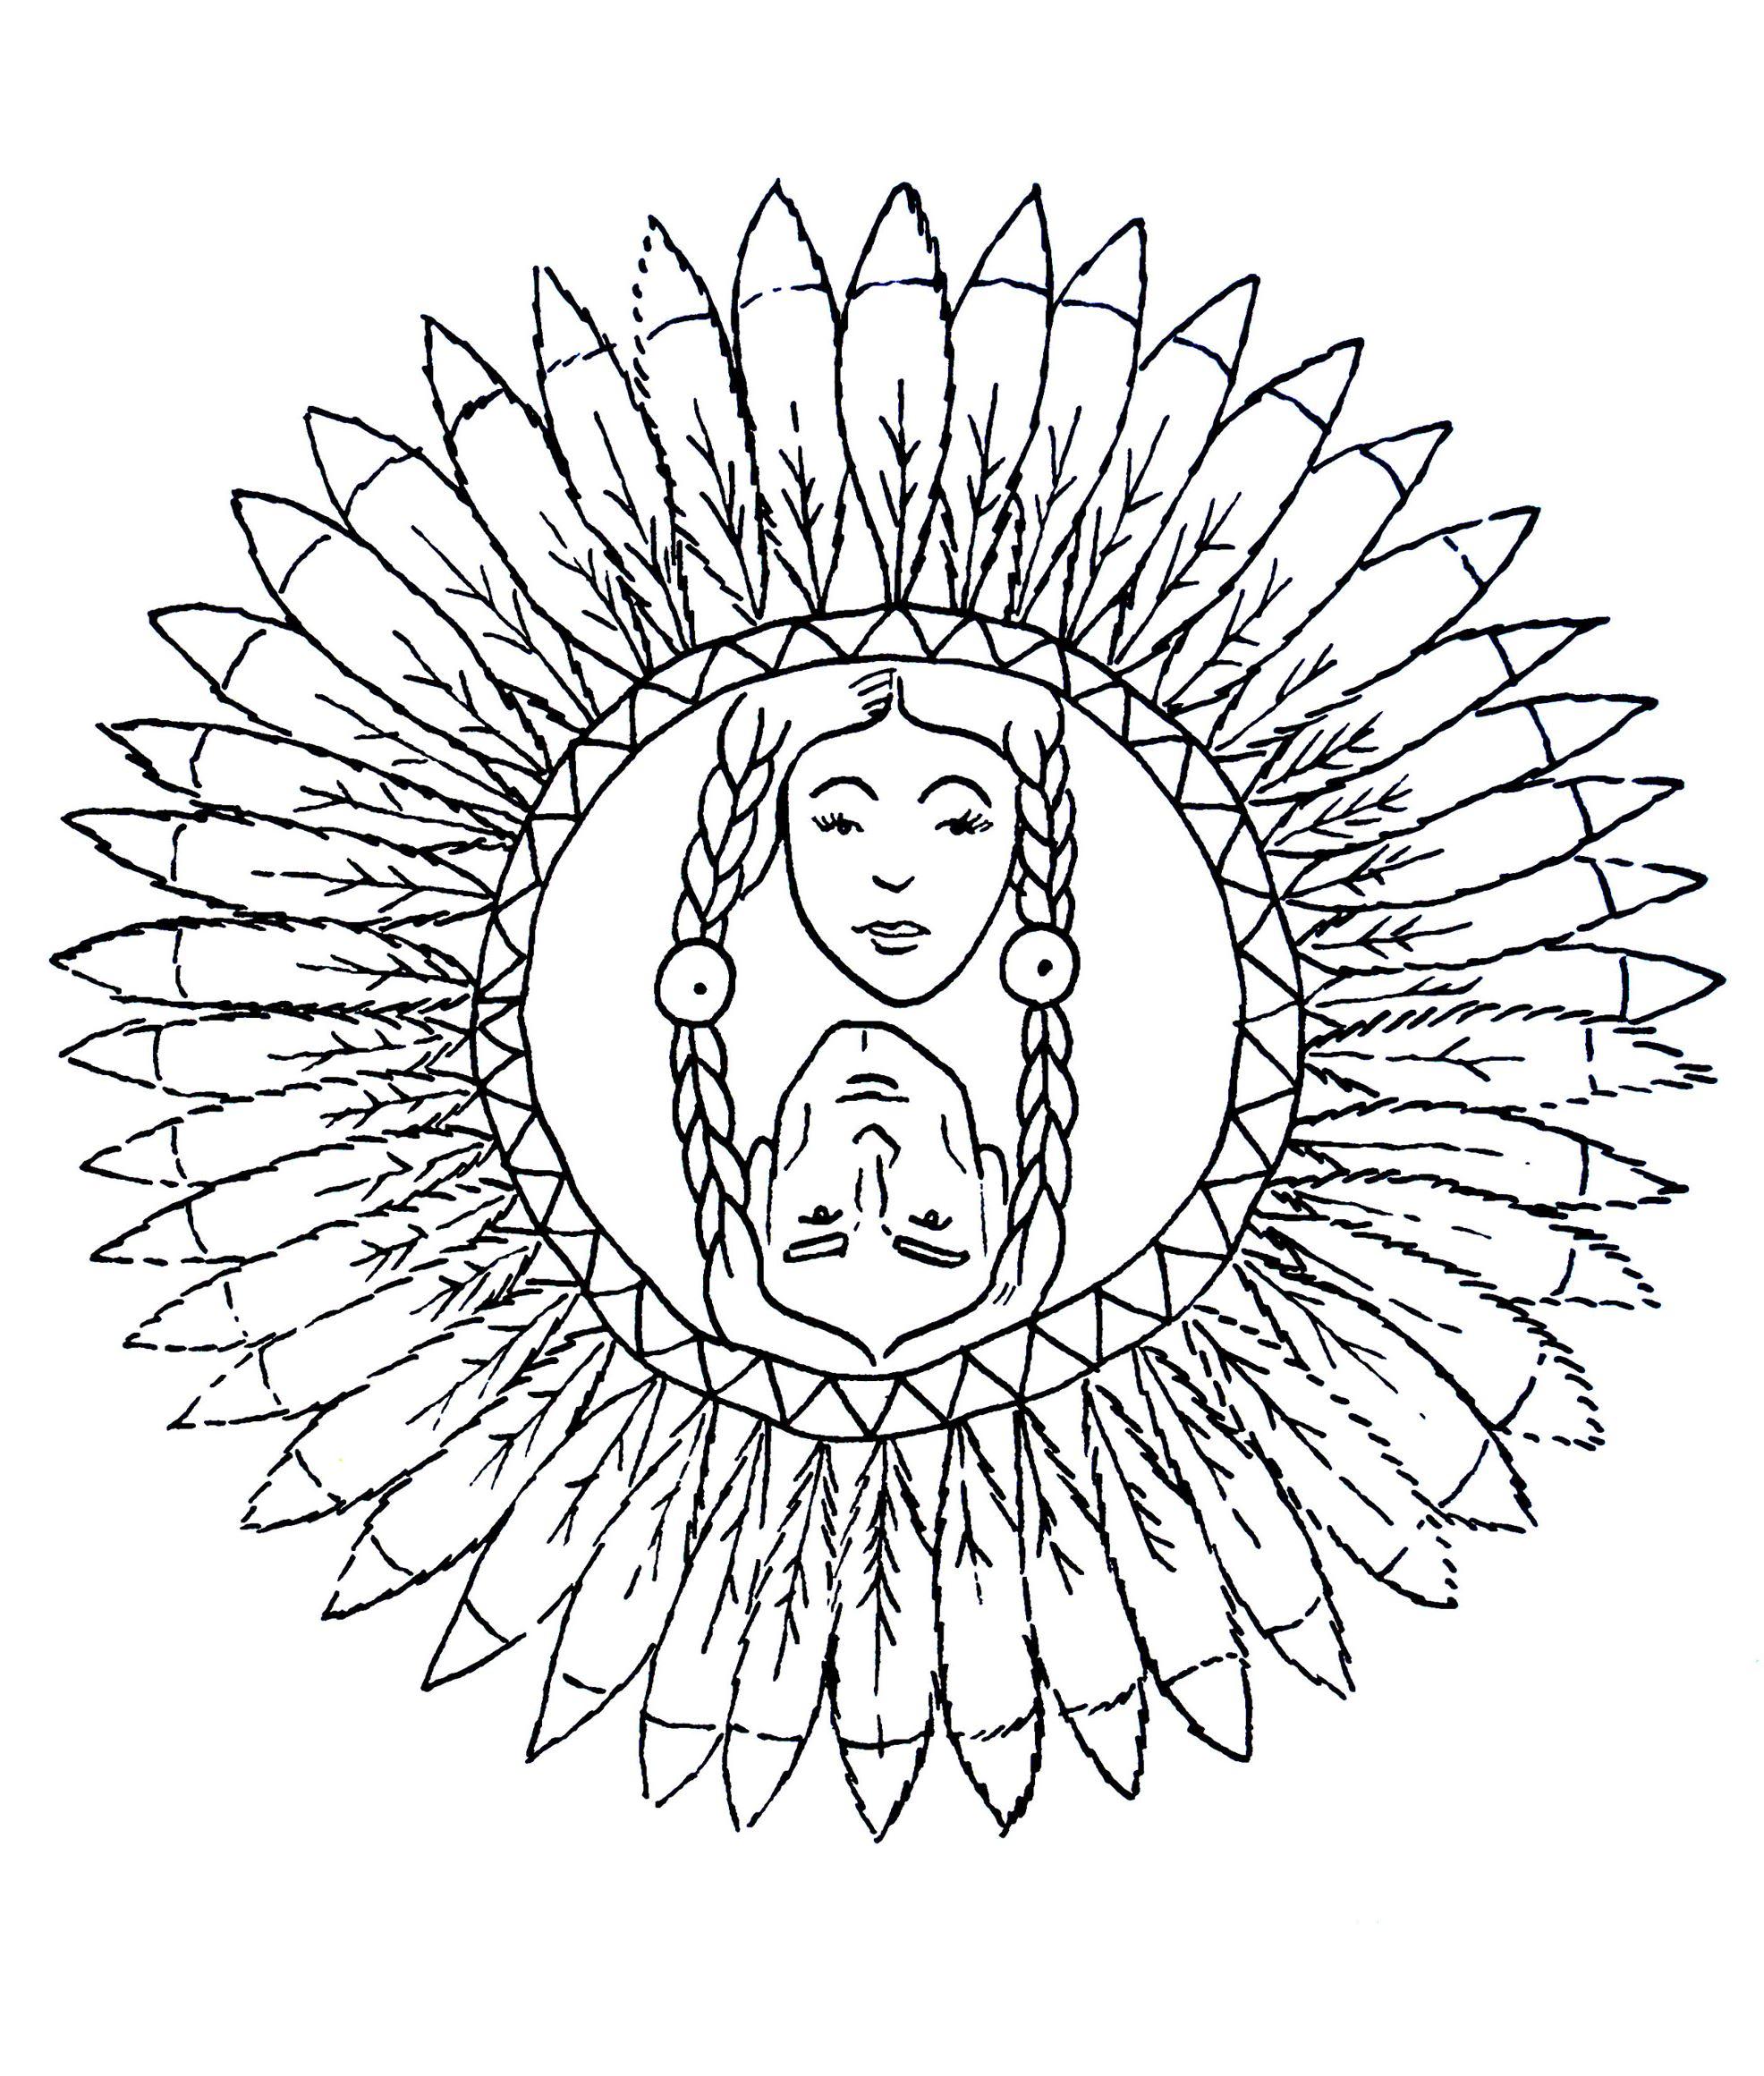 Coloriage Anti Stress Indien.Mandala A Colorier Personnages Indiens Mandalas Avec